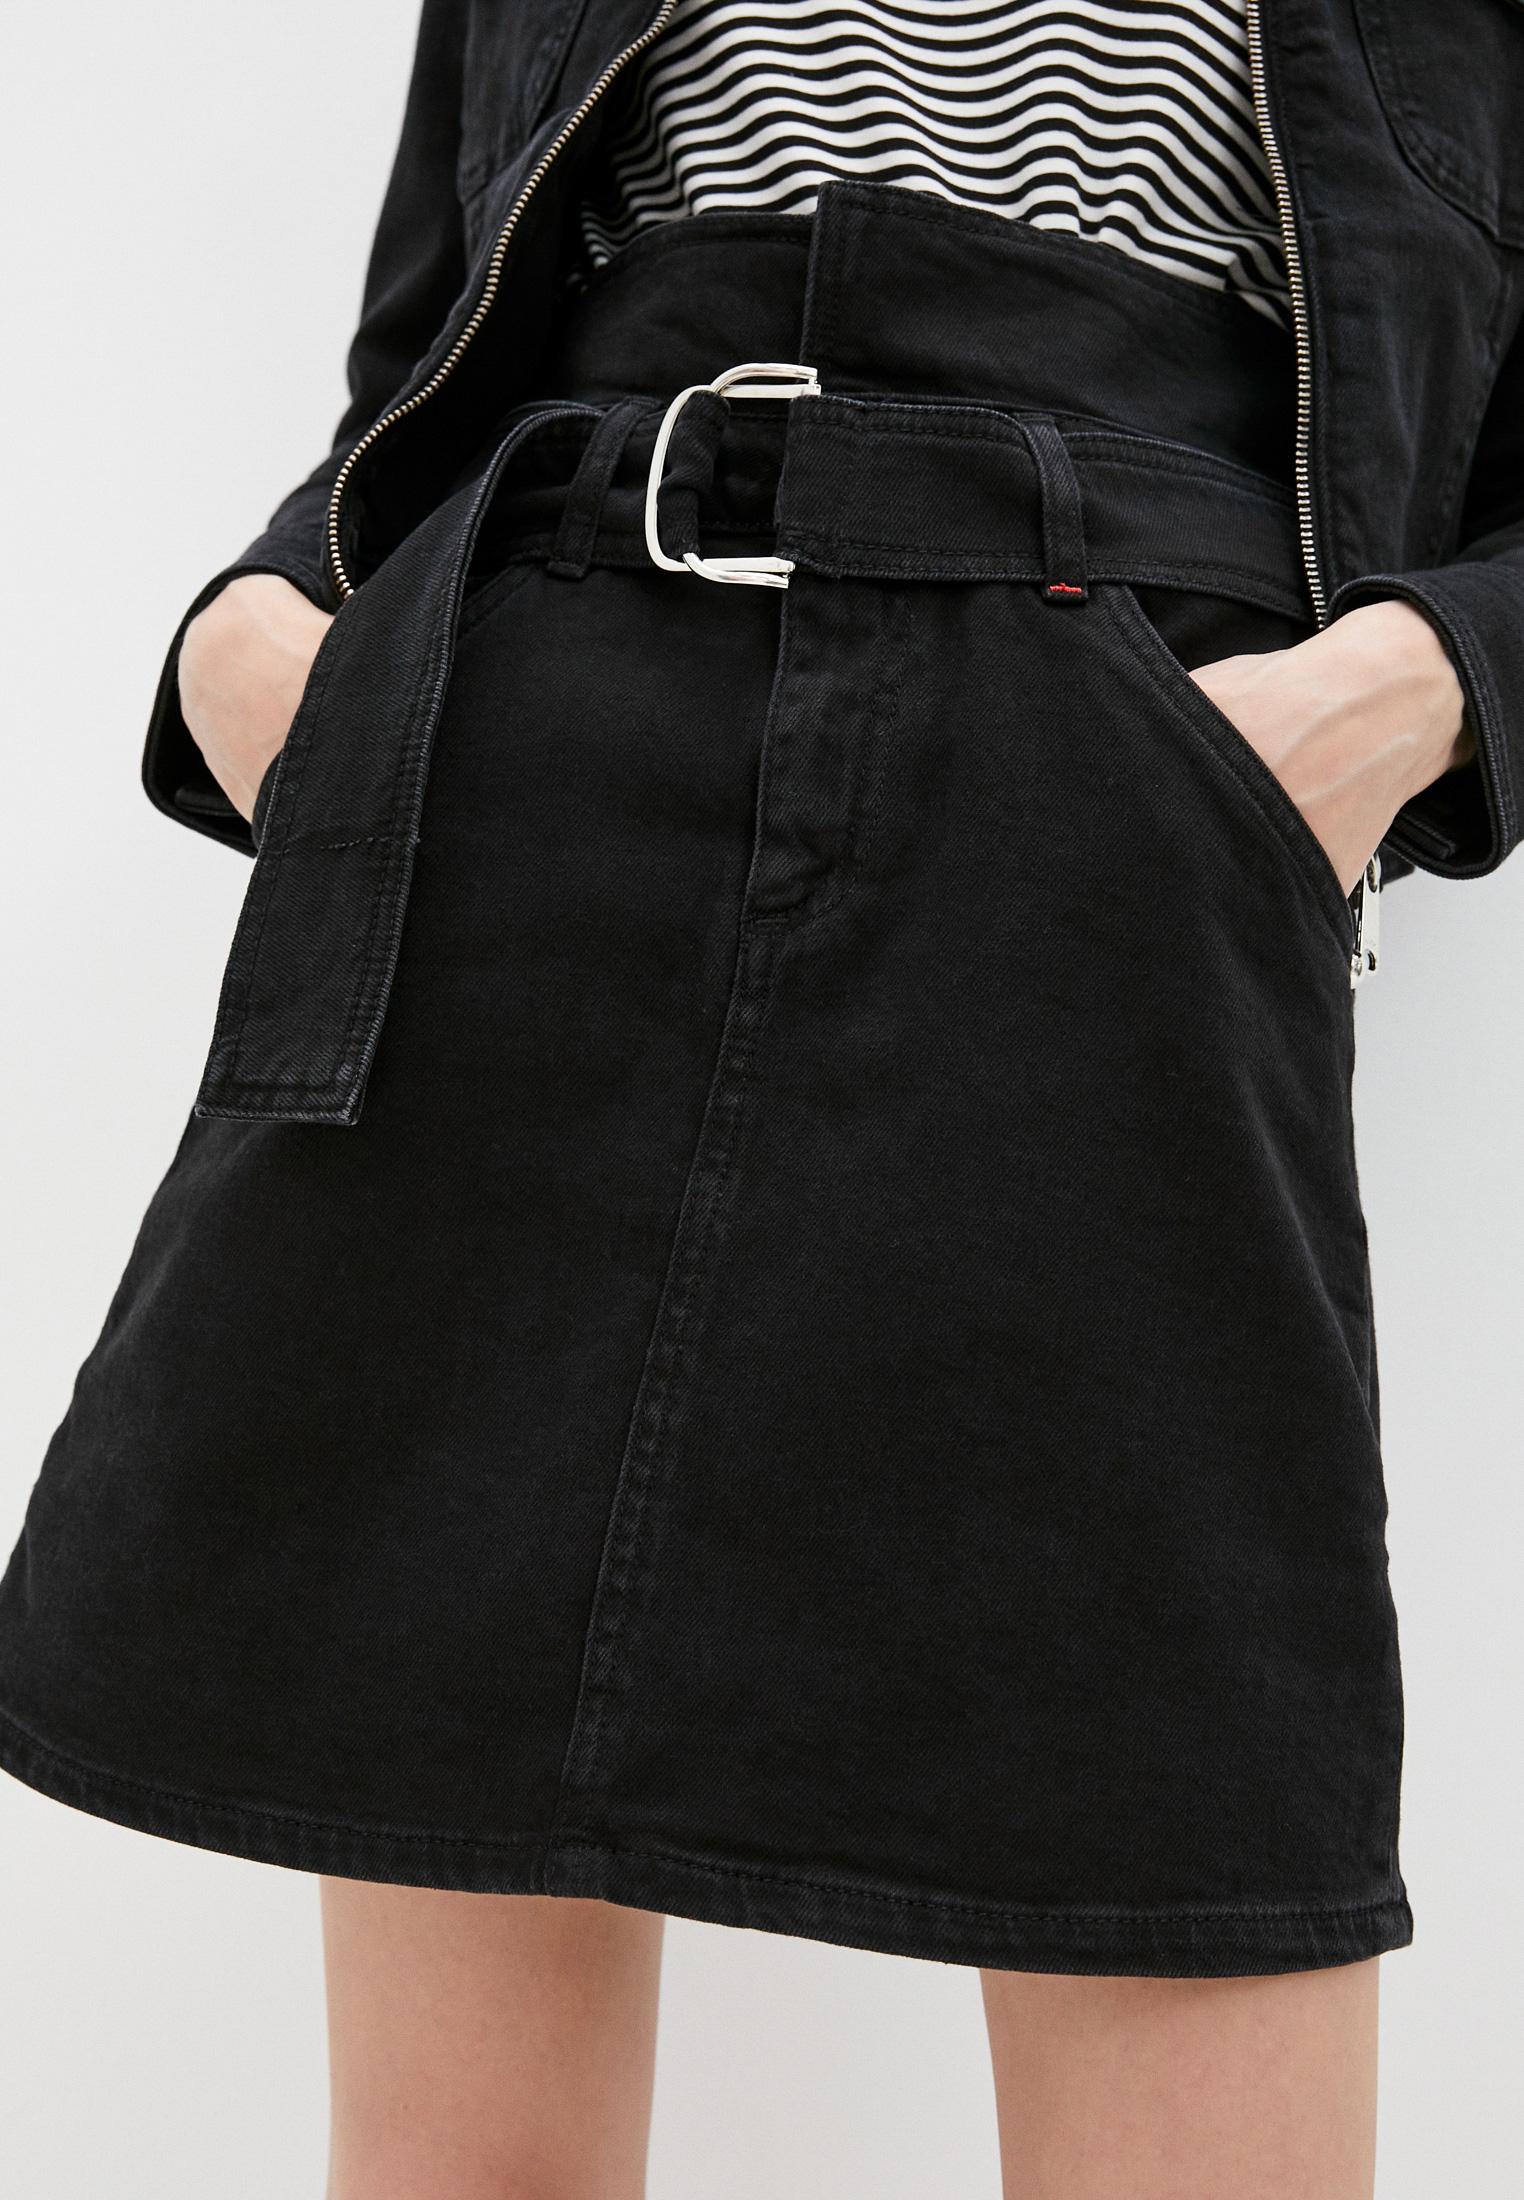 Джинсовая юбка MAX&Co Юбка джинсовая Max&Co